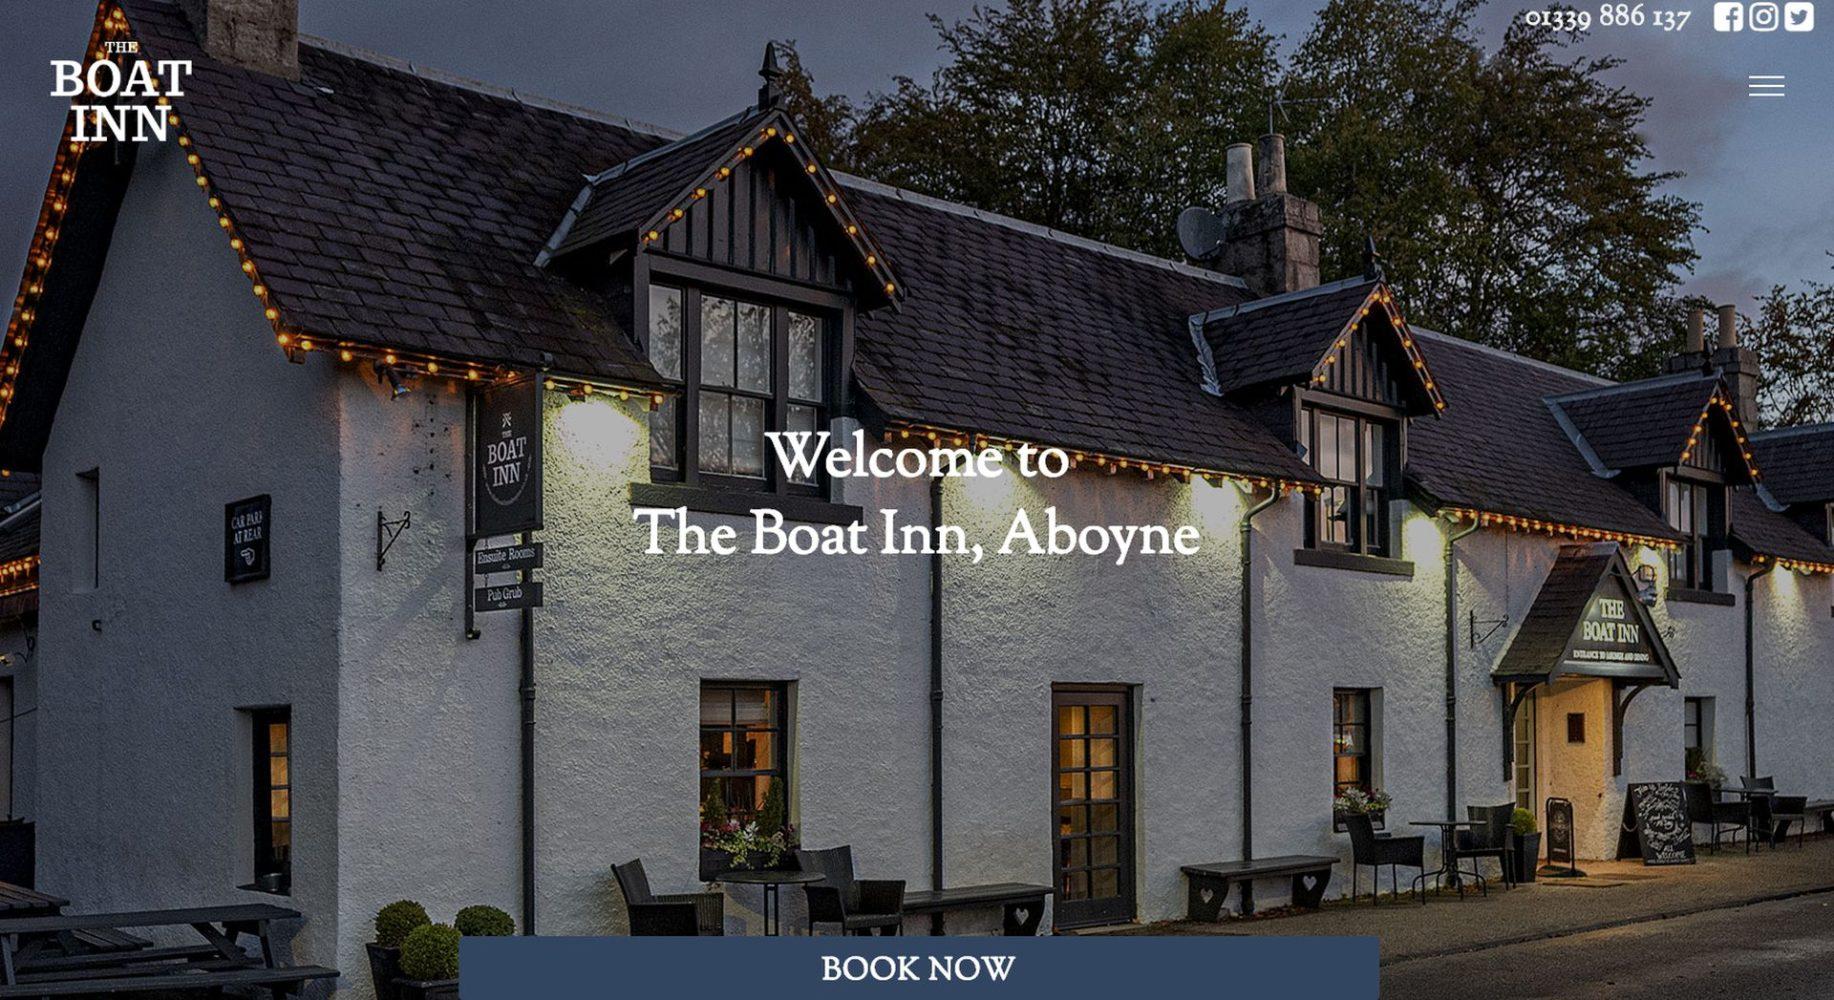 The Boat Inn Aboyne Homepage